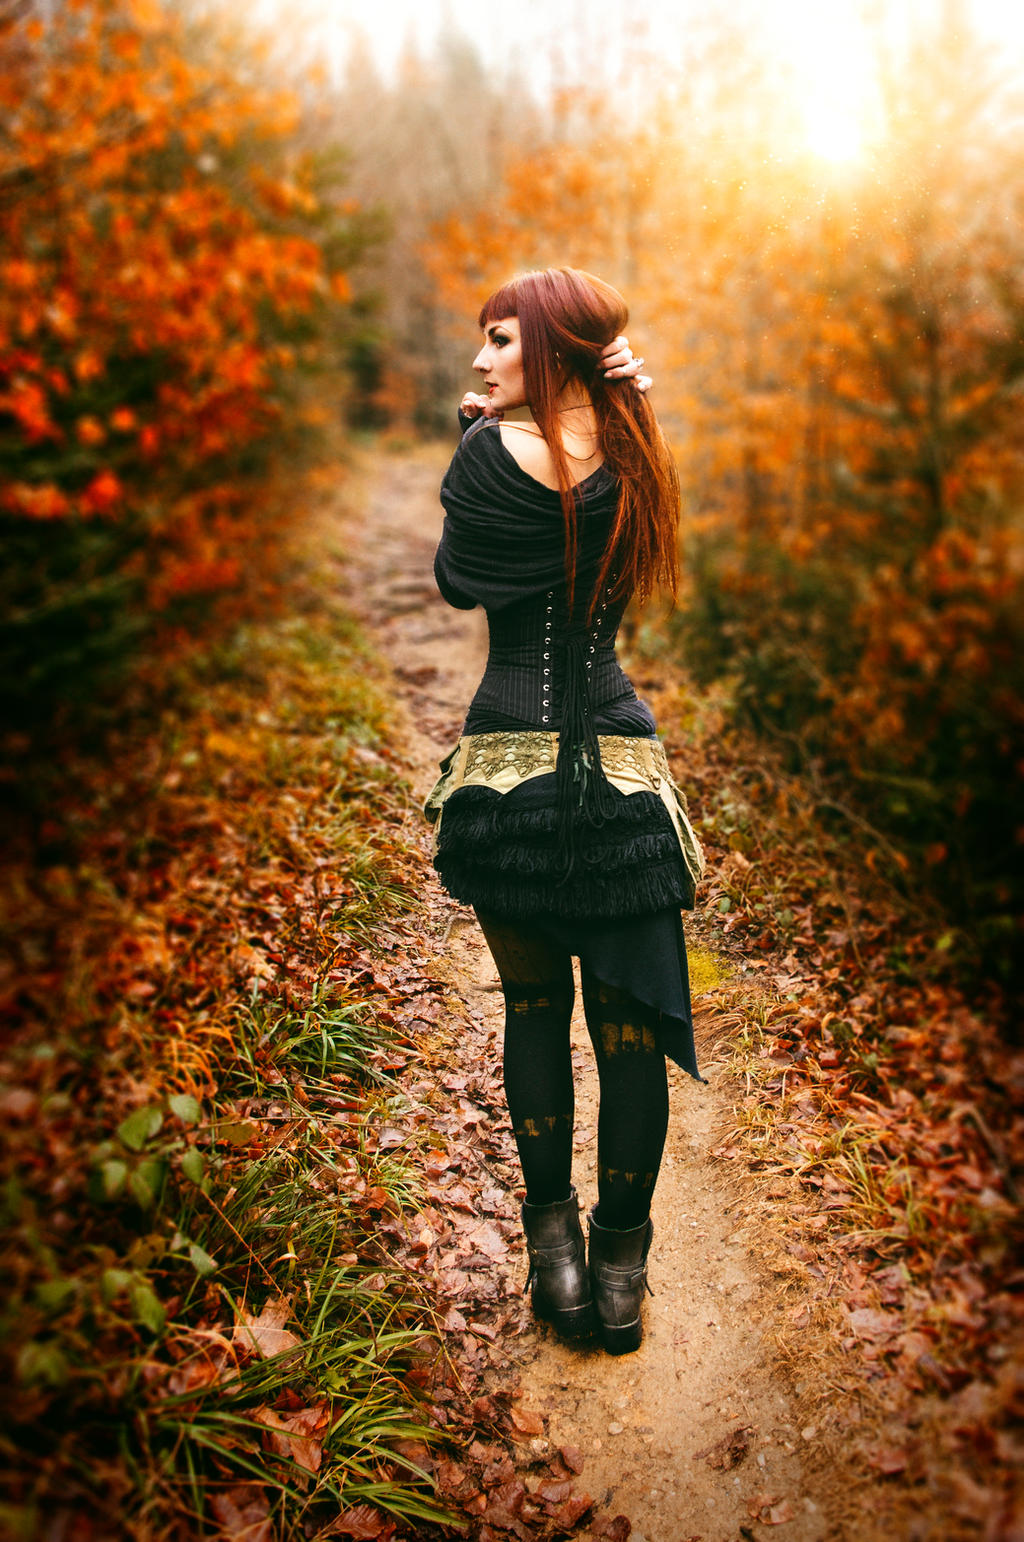 Green Witch 01 by GwendolinWidmann